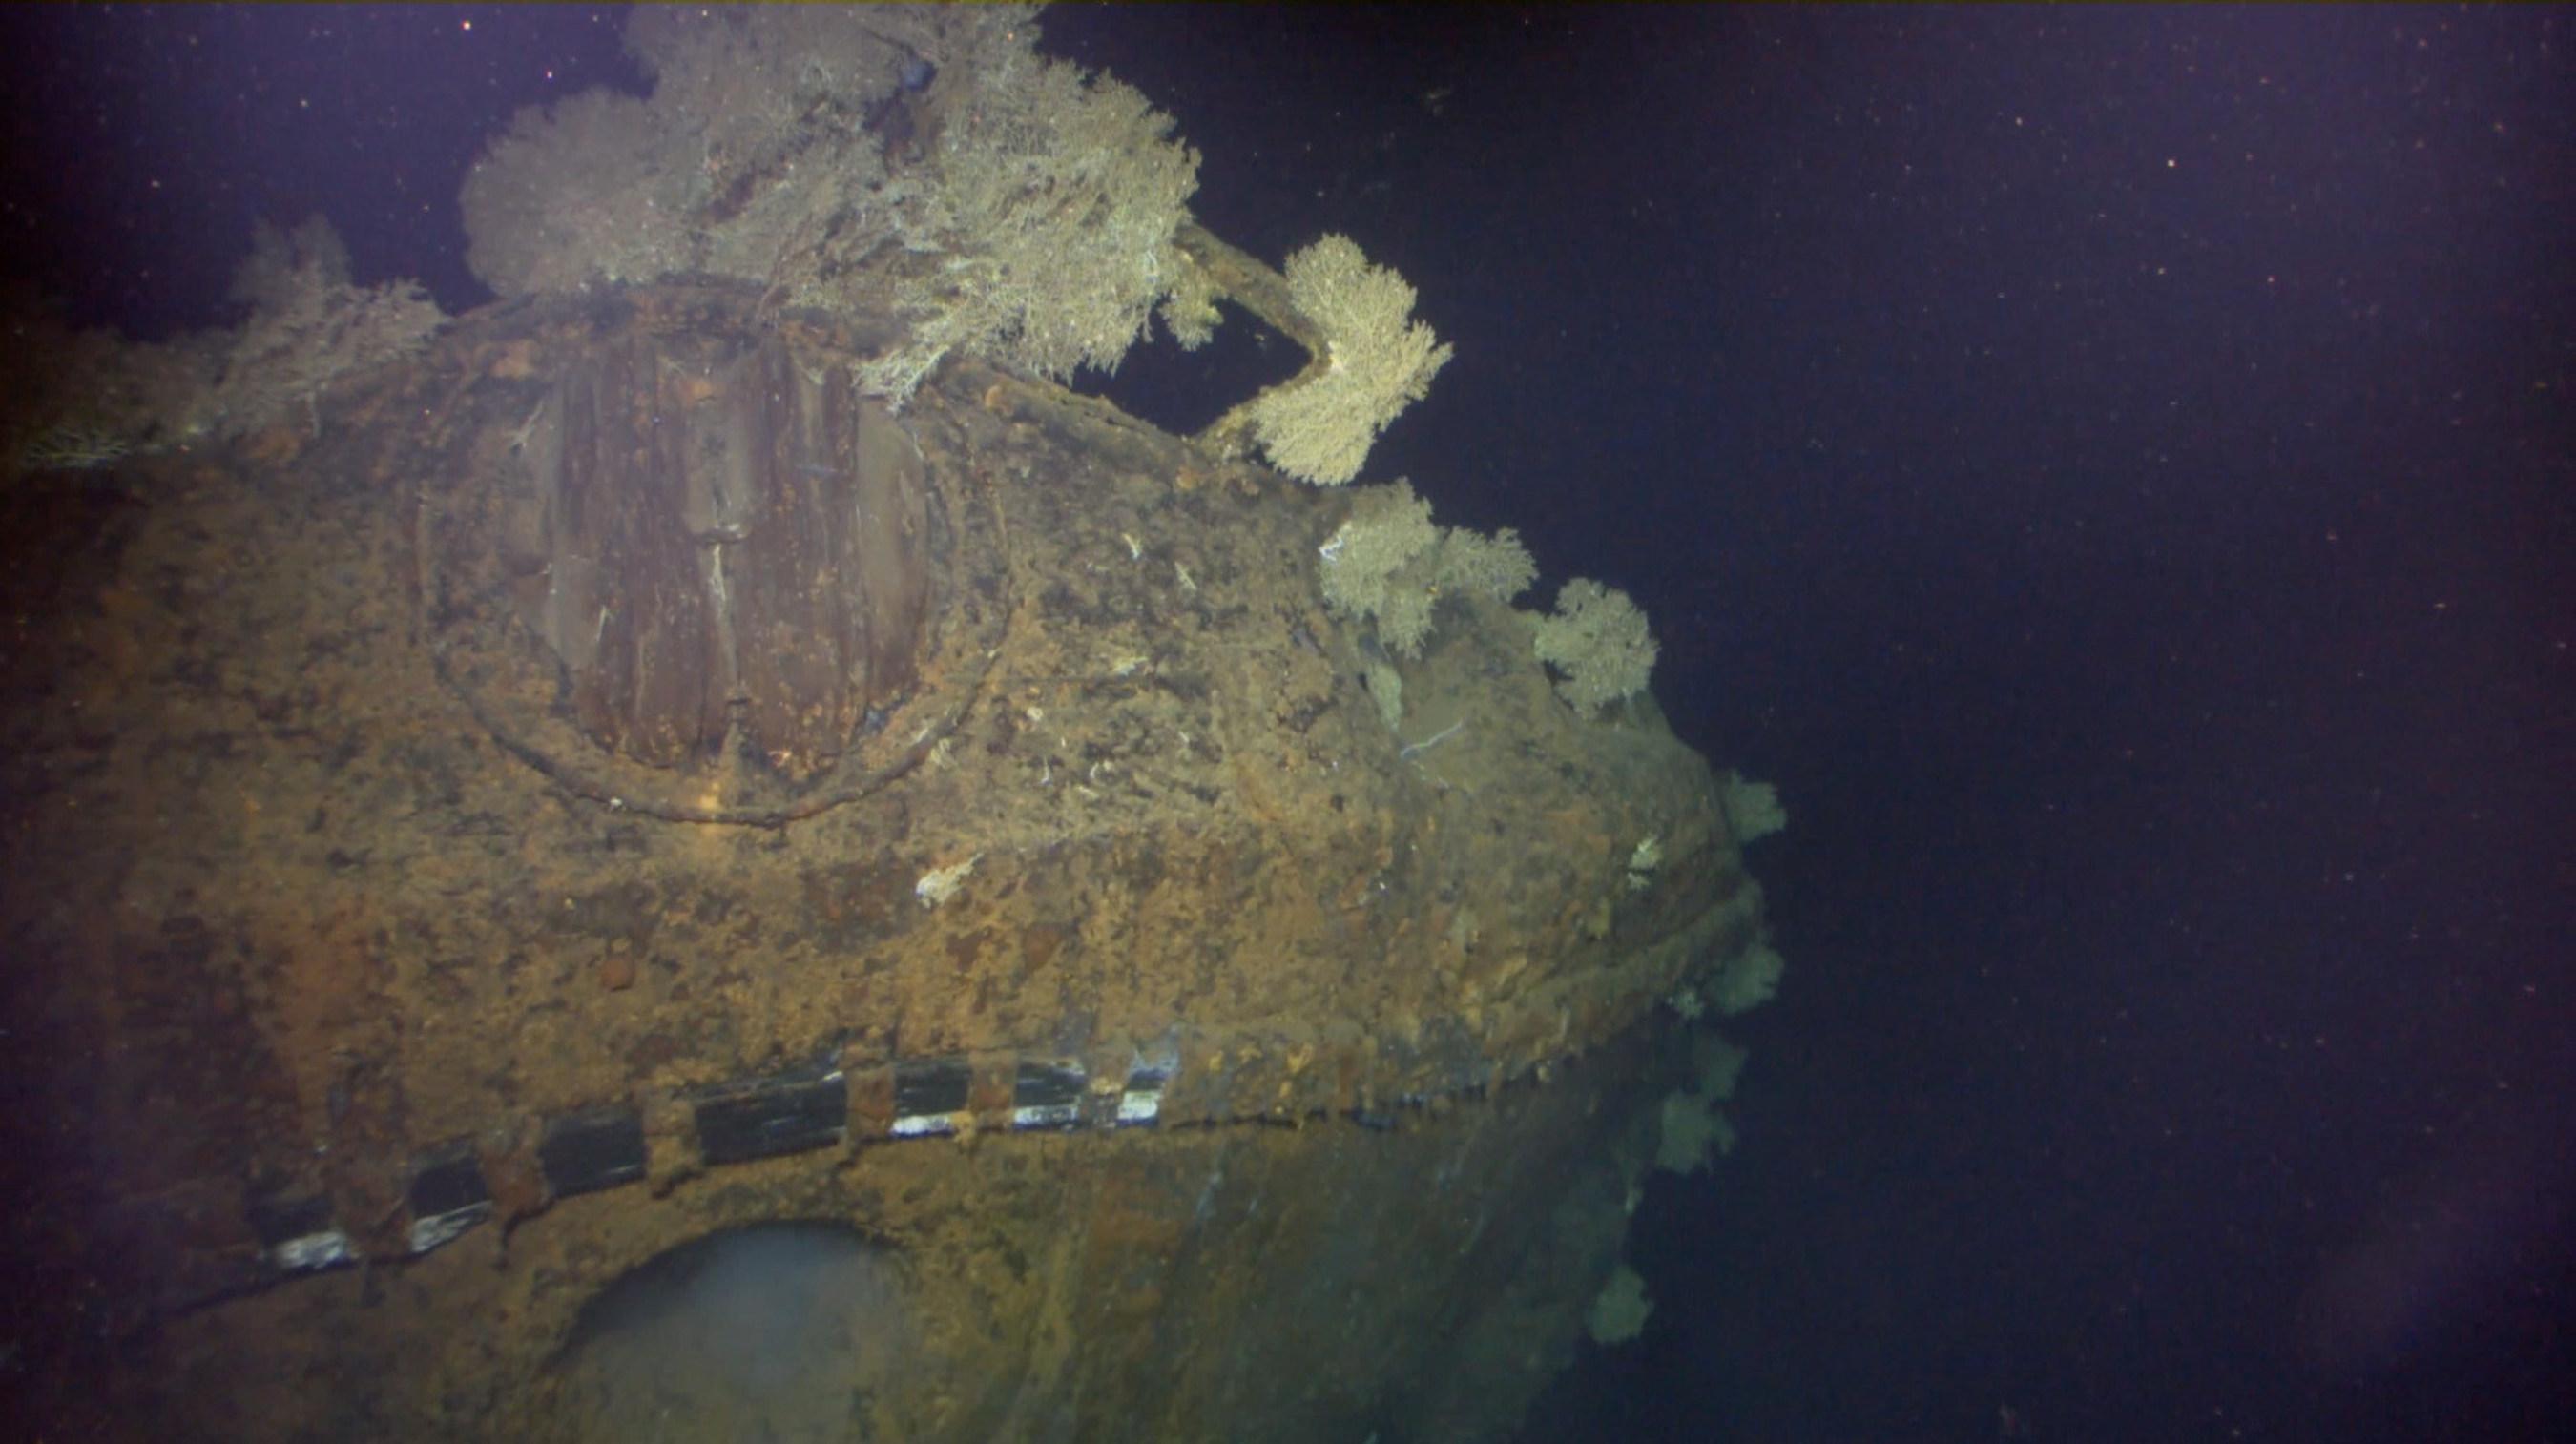 Paul G. Allen Locates Sunken Japanese WWII Battleship Musashi